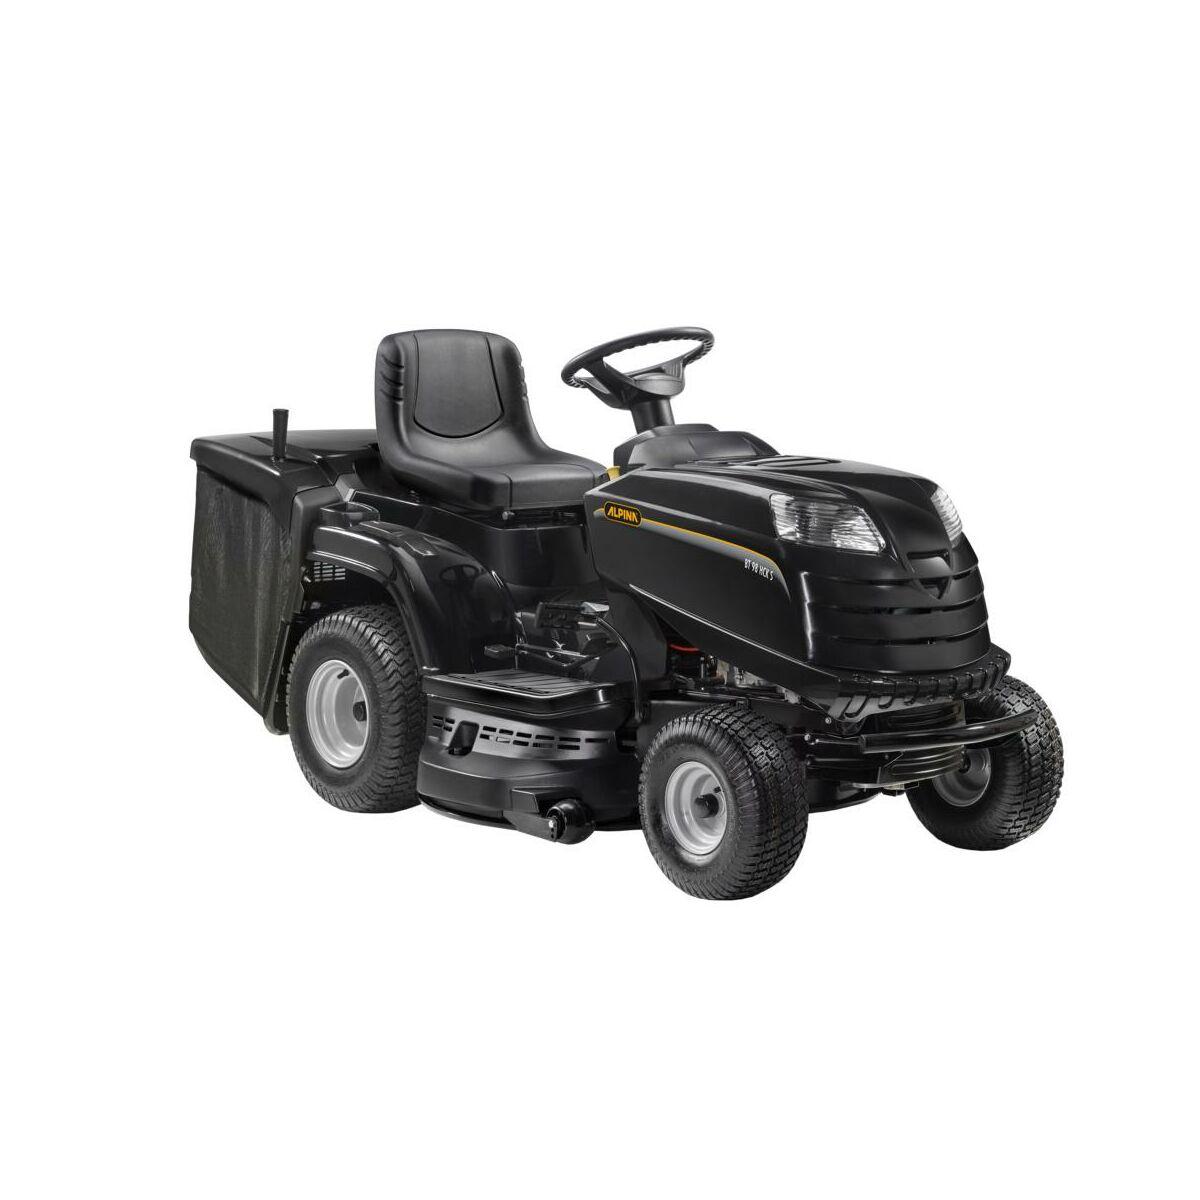 Traktorek ogrodowy 9 kW 603 cm3 ALPINA BT98 HCK S